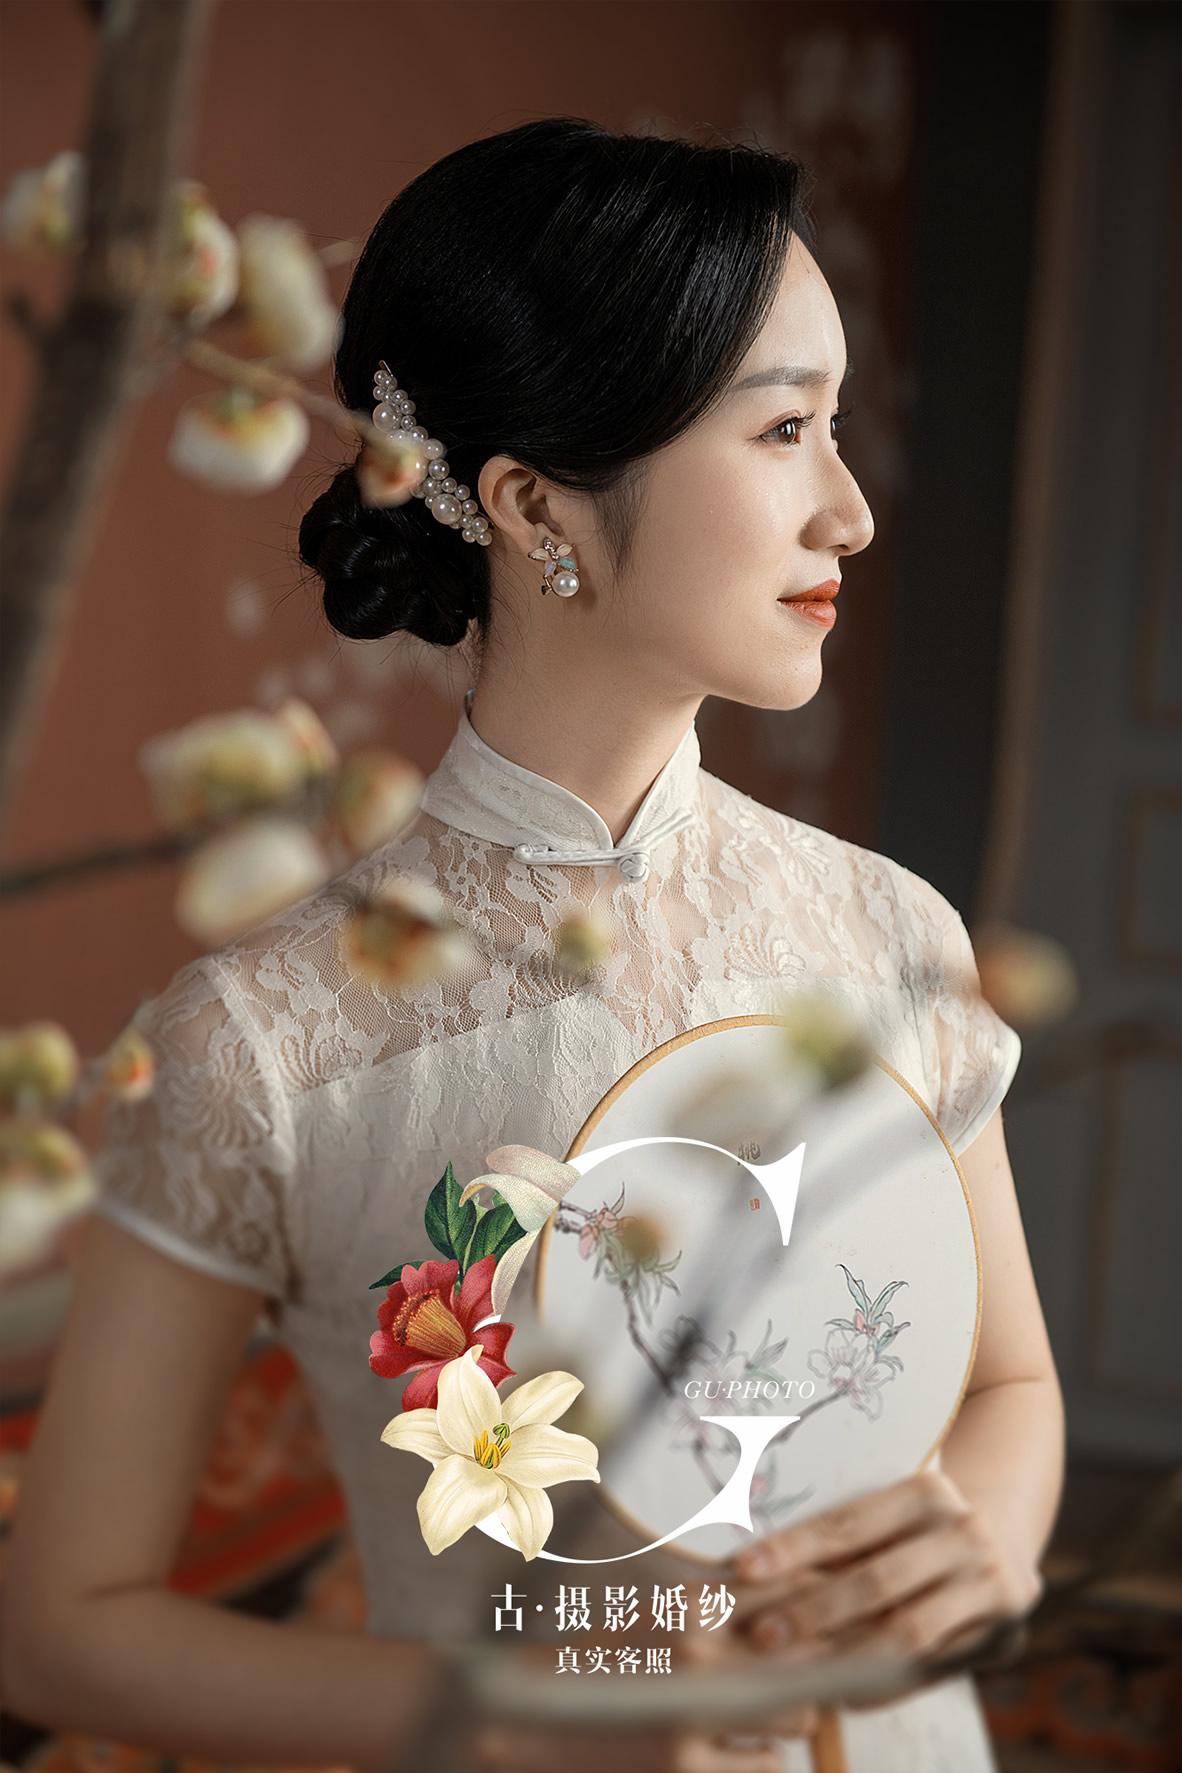 黃先生 鄒小姐 - 每日客照 - 古攝影婚紗藝術-古攝影成都婚紗攝影藝術攝影網